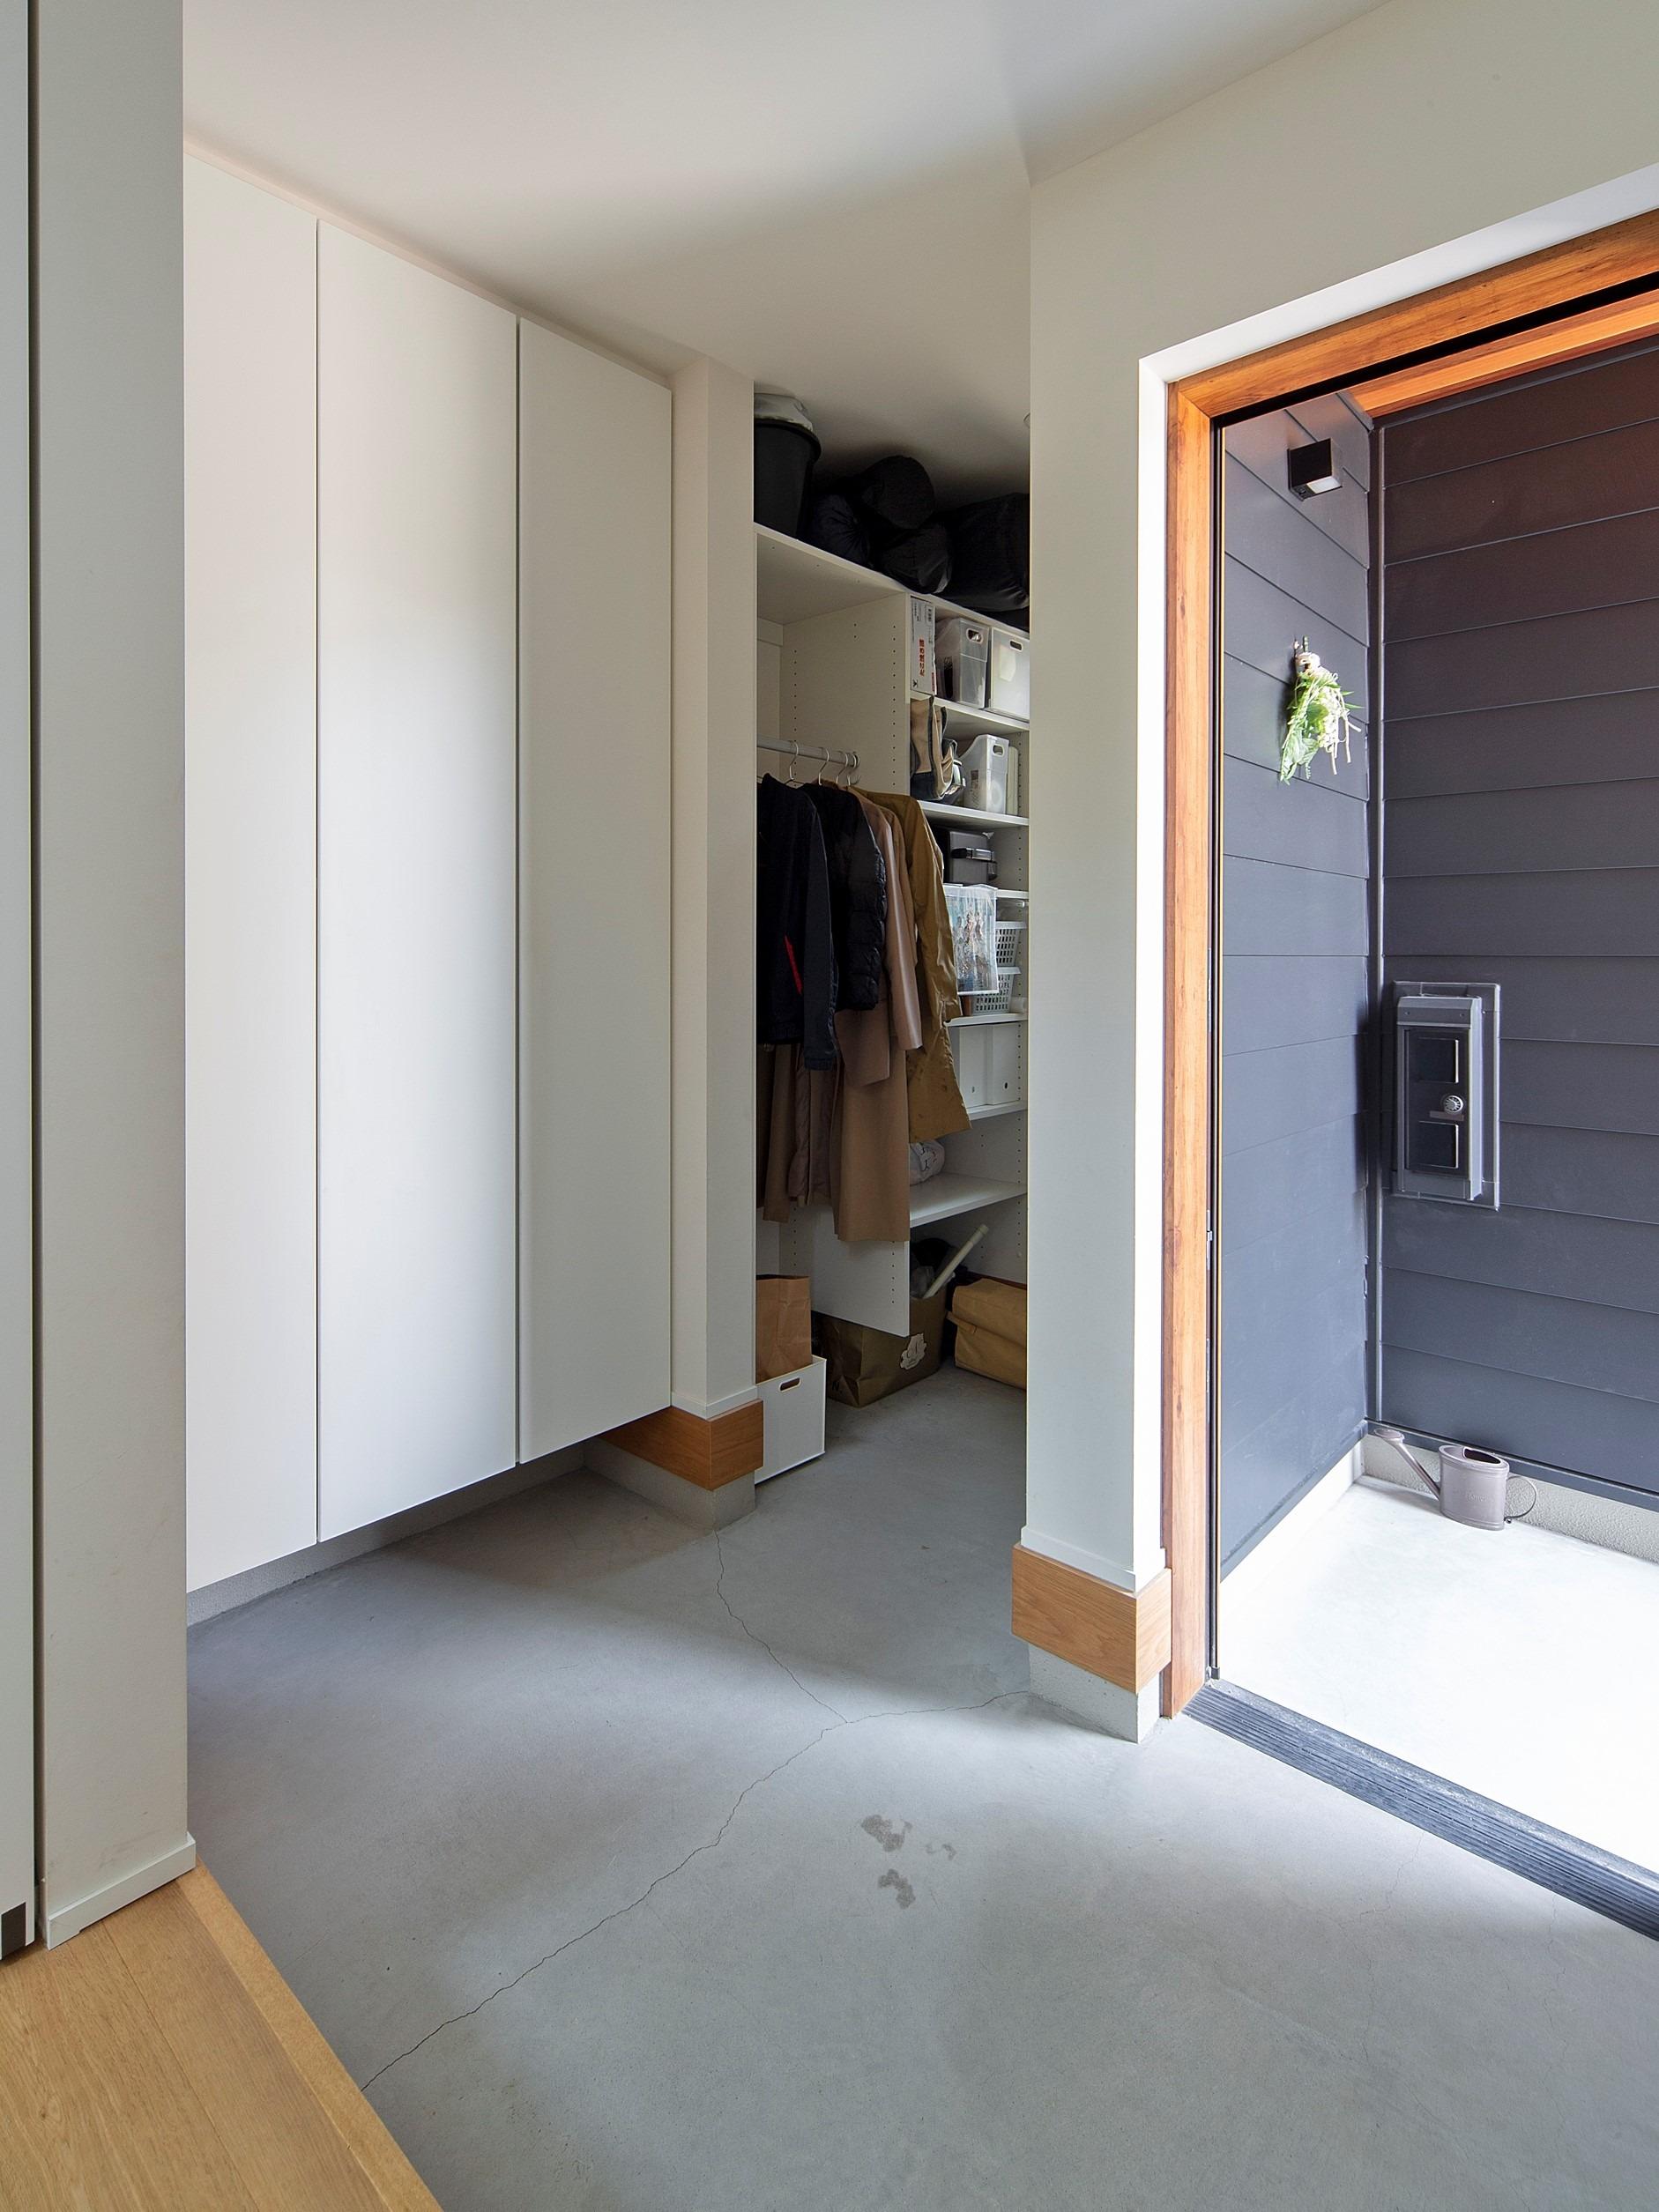 玄関土間は広々とモルタルで仕上げ、家族の収納スペースもたっぷりと